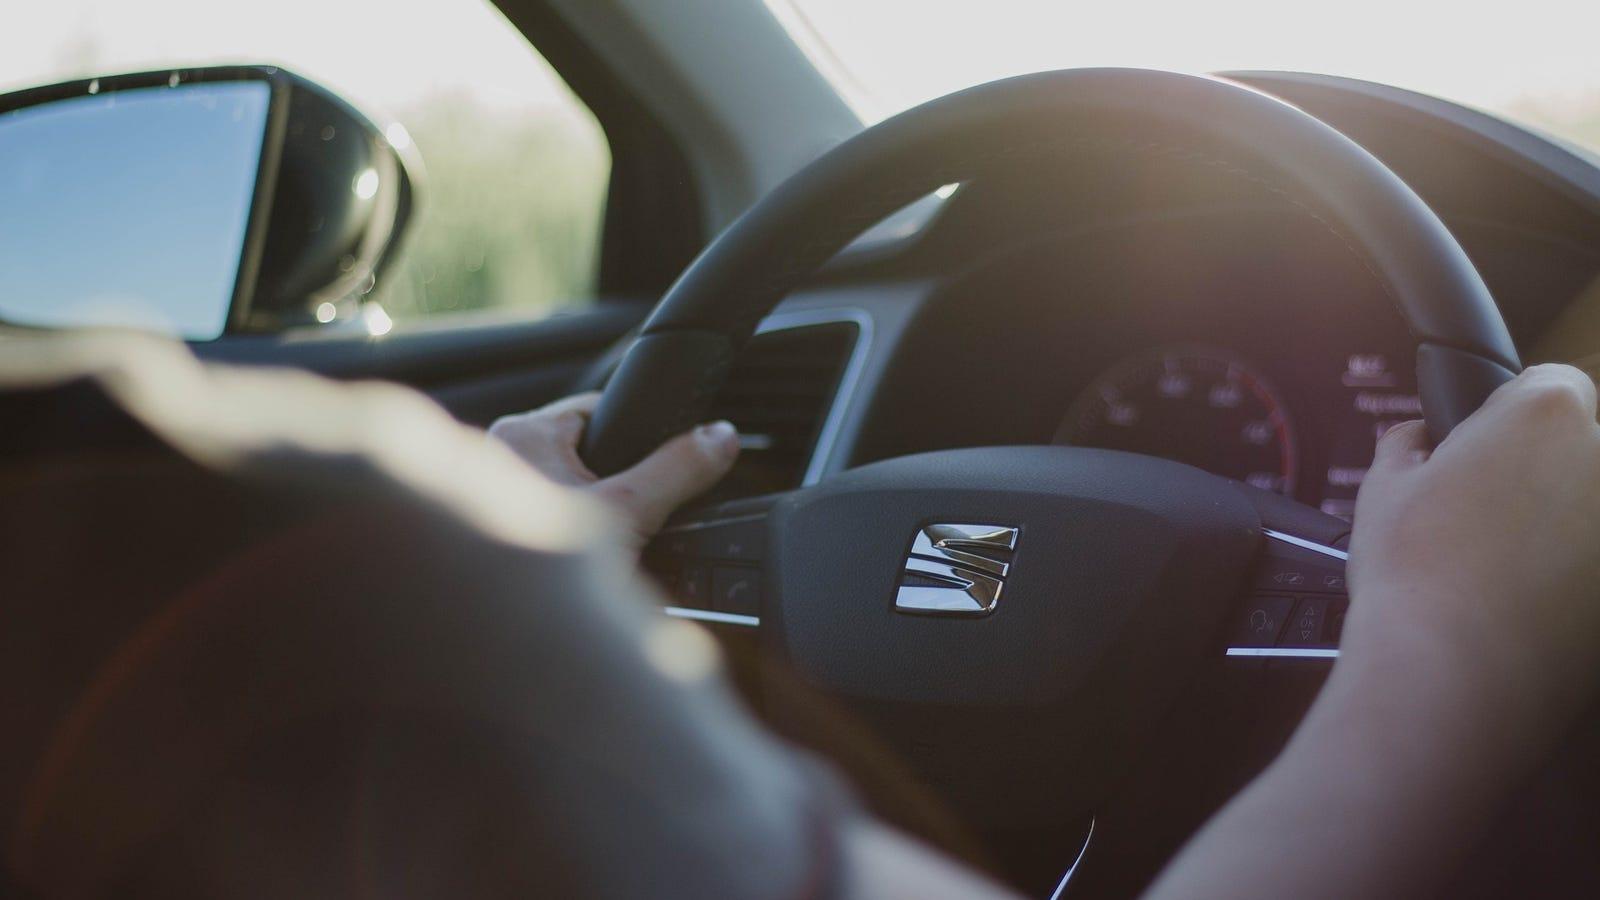 Cómo colocar las manos sobre el volante del coche para conducir mejor en cualquier situación